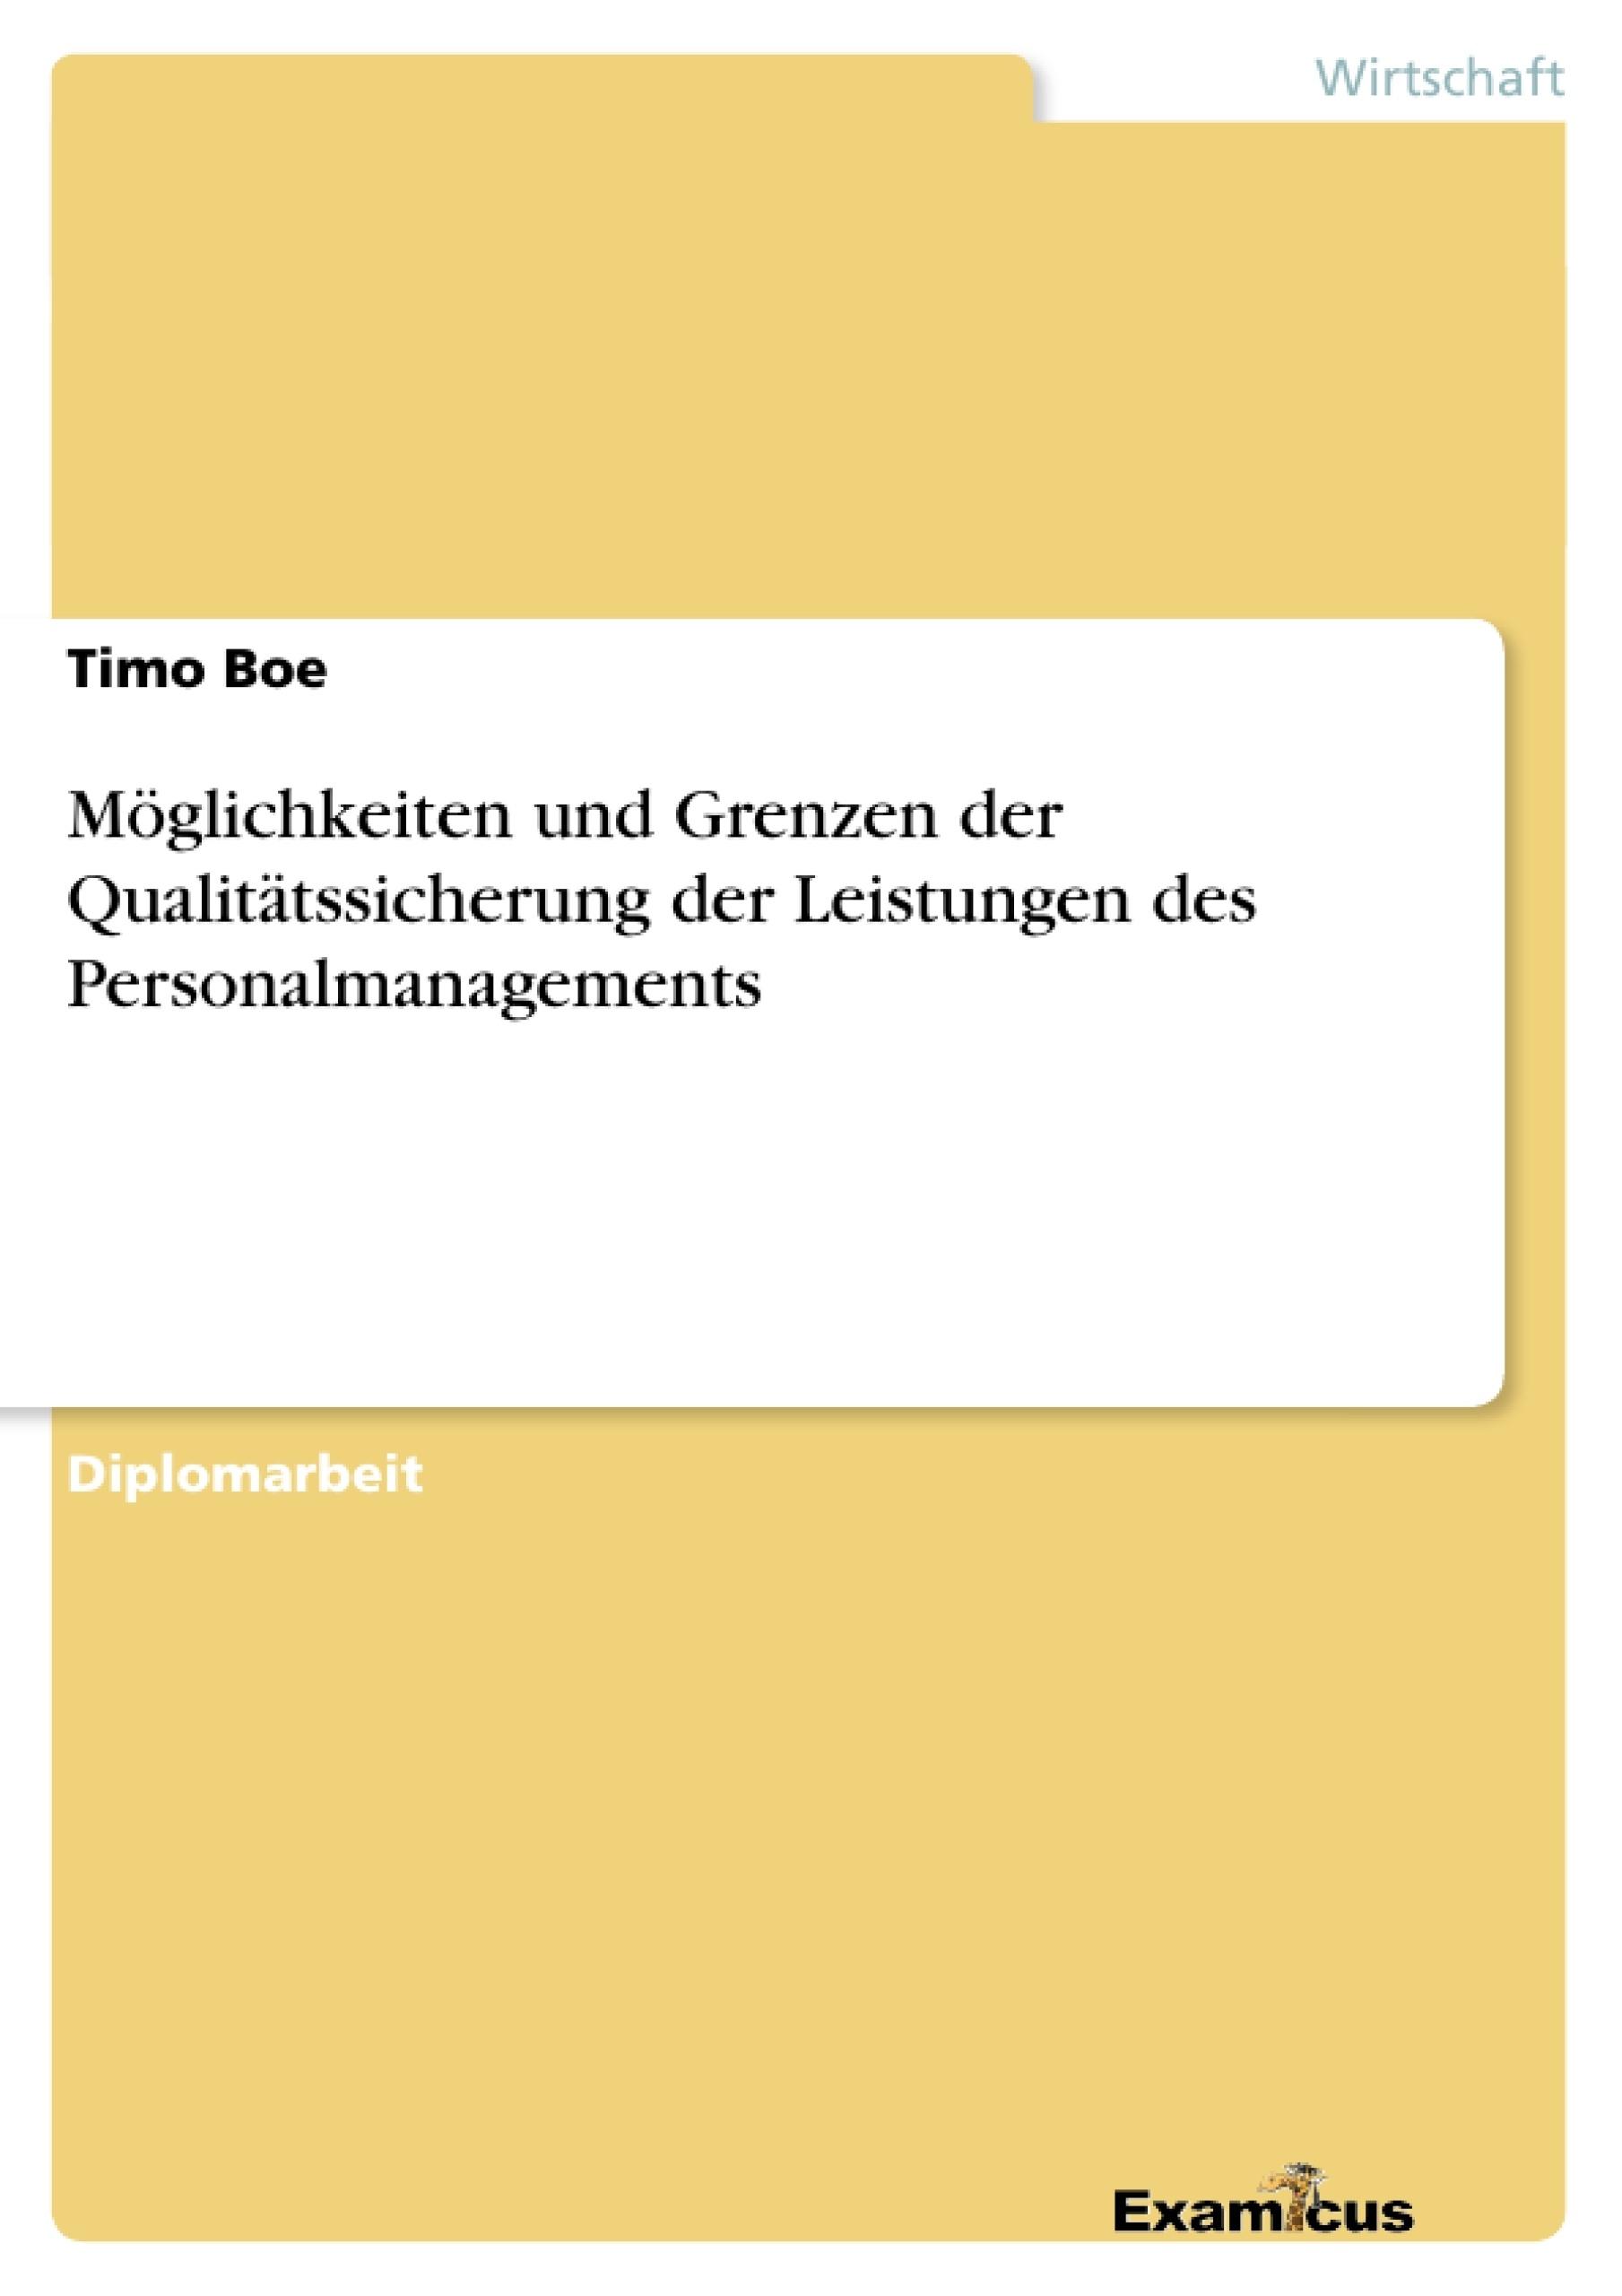 Titel: Möglichkeiten und Grenzen der Qualitätssicherung der Leistungen des Personalmanagements